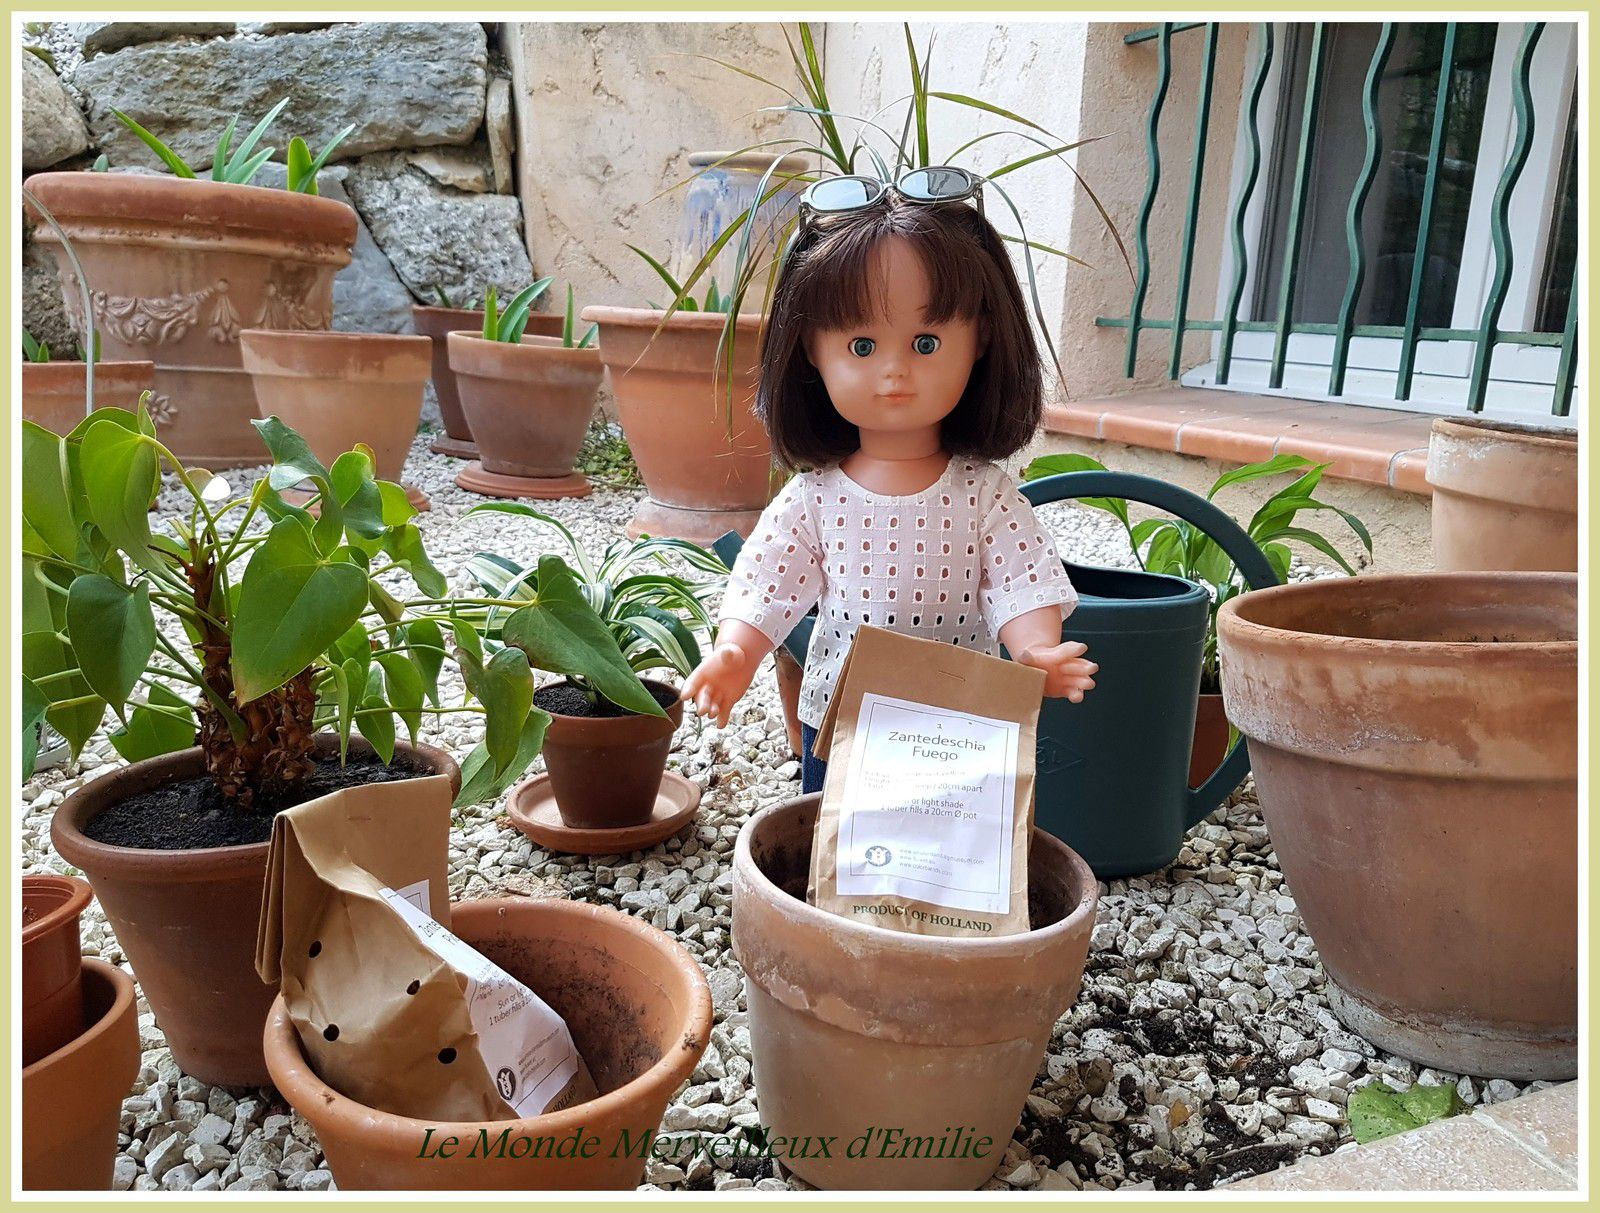 Emilie Lise fait du jardinage M&T avril 2018